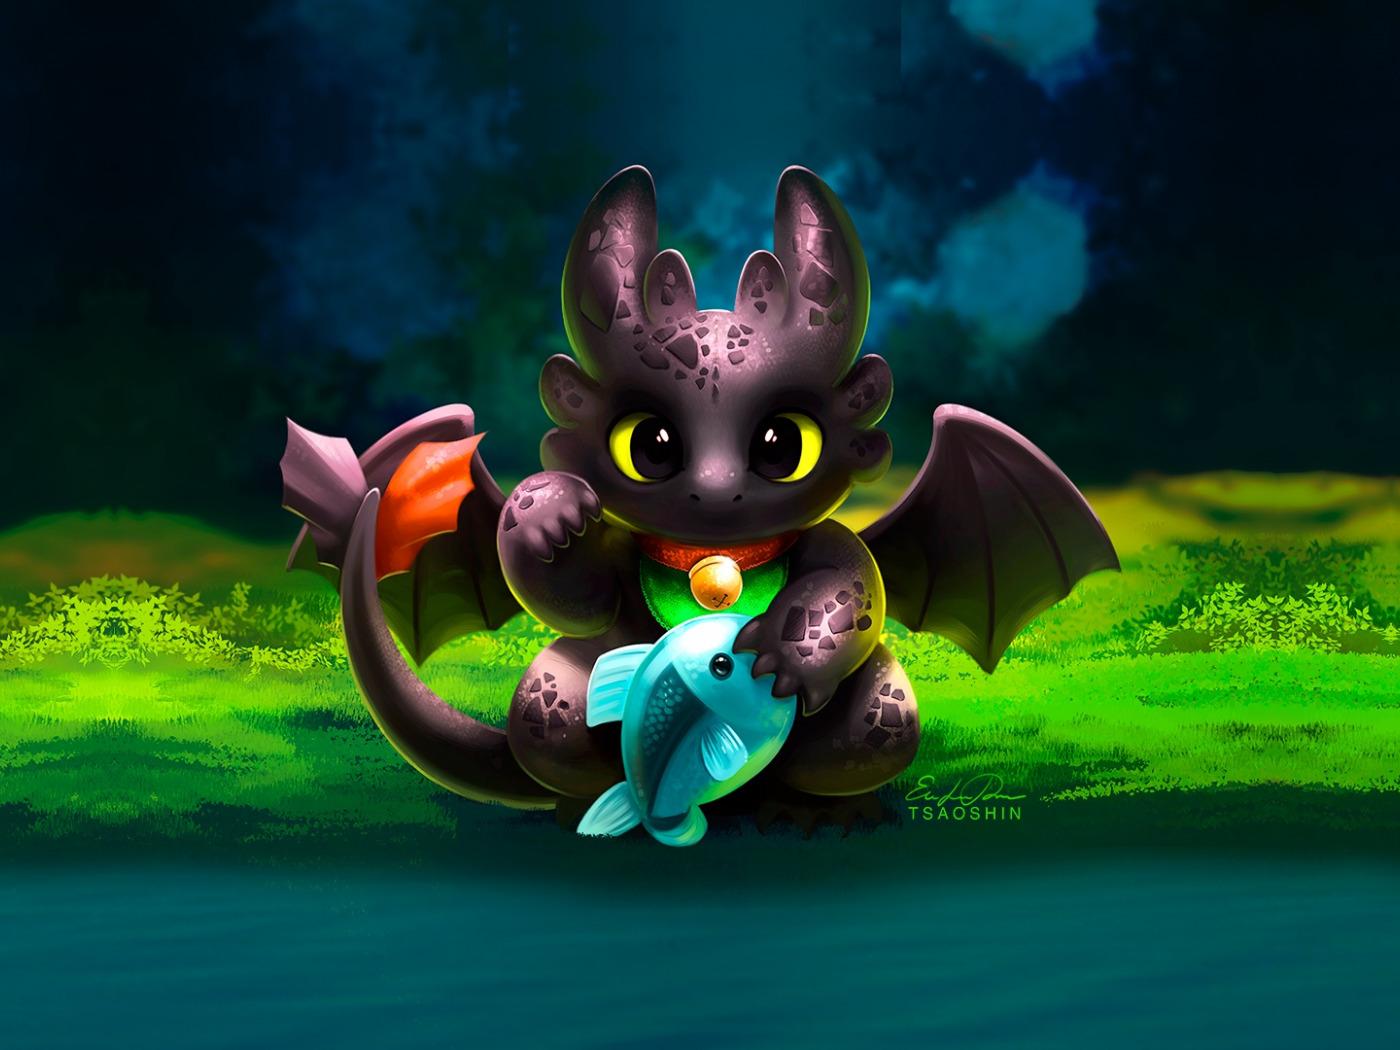 Картинки с дракончиками милые